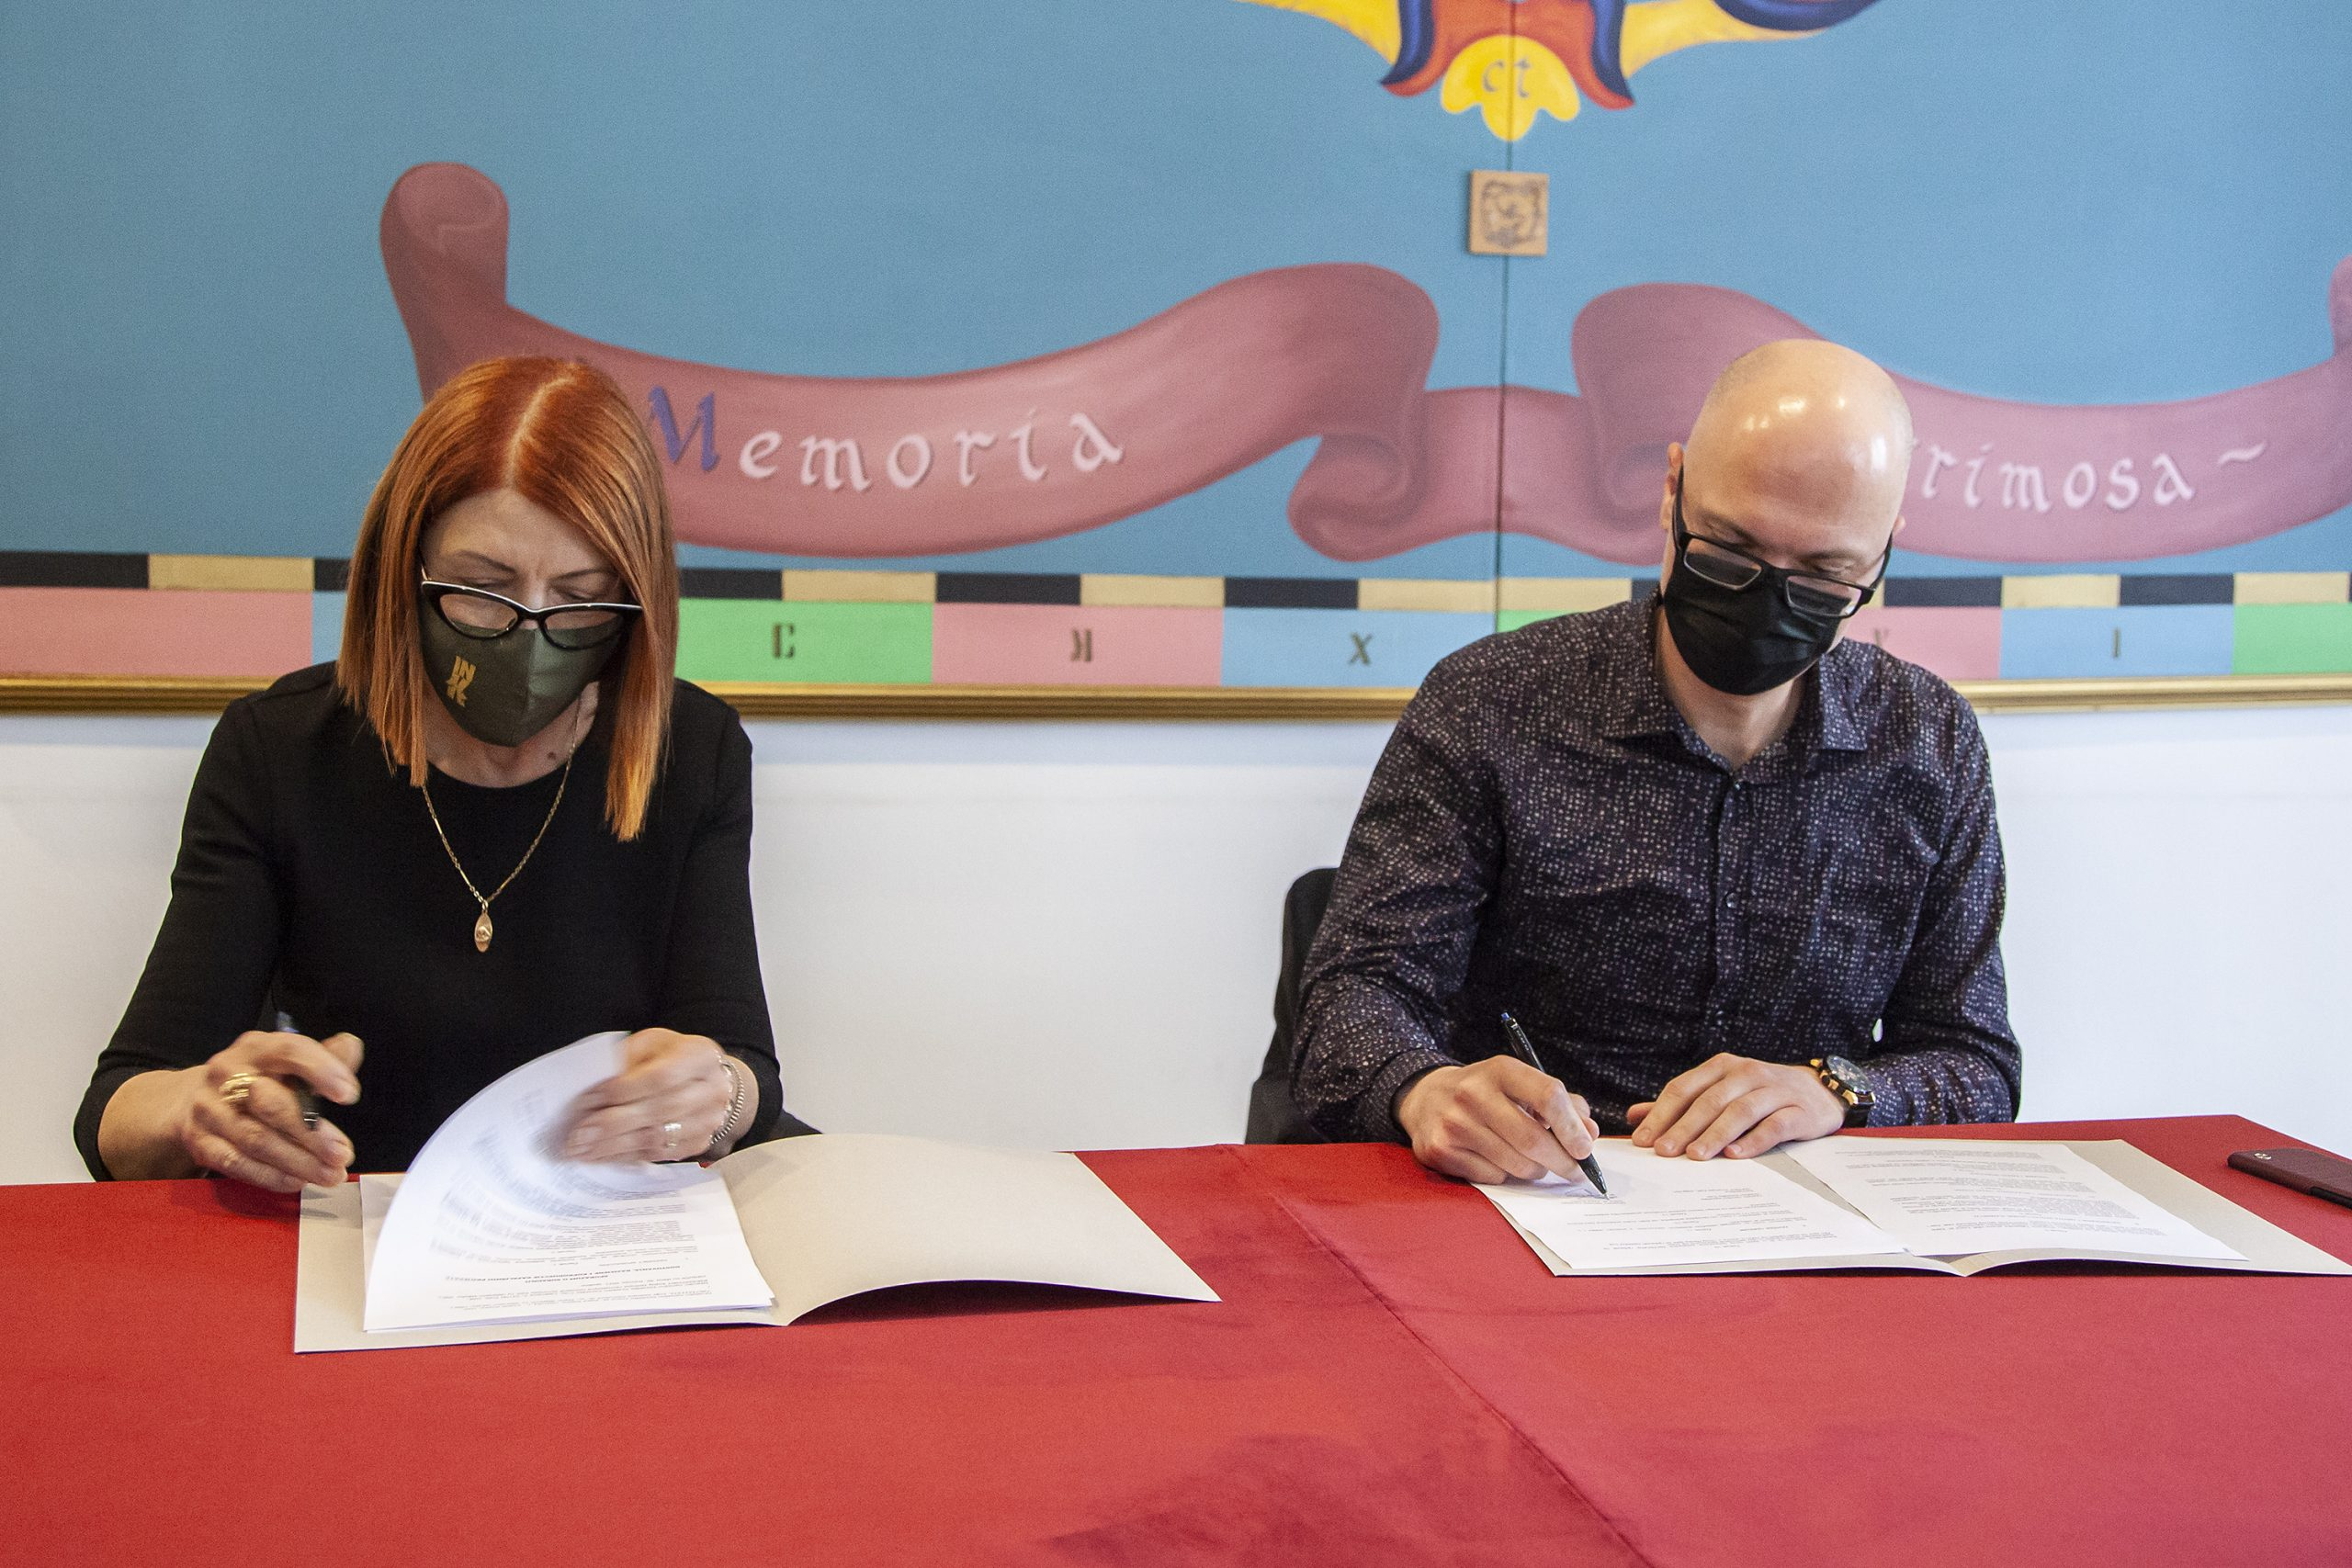 Potpisan sporazum o suradnji riječkog Zajca i pulskog INK-a